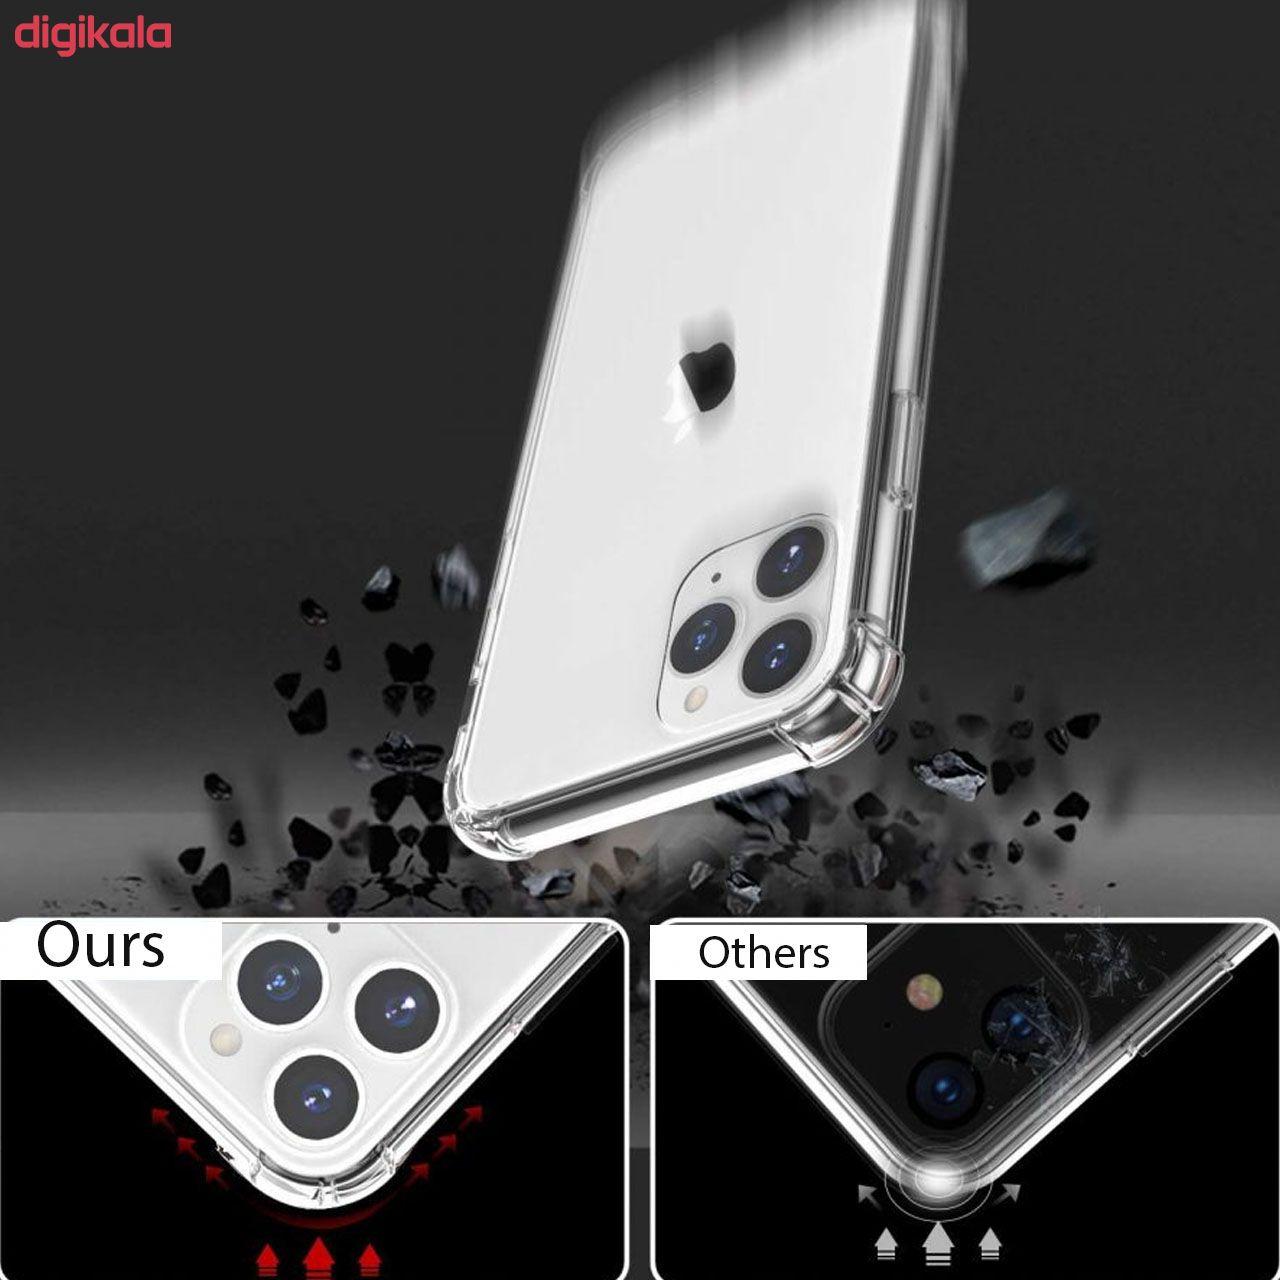 کاور مدل Eouro مناسب برای گوشی موبایل اپل iPhone 11 Pro main 1 6